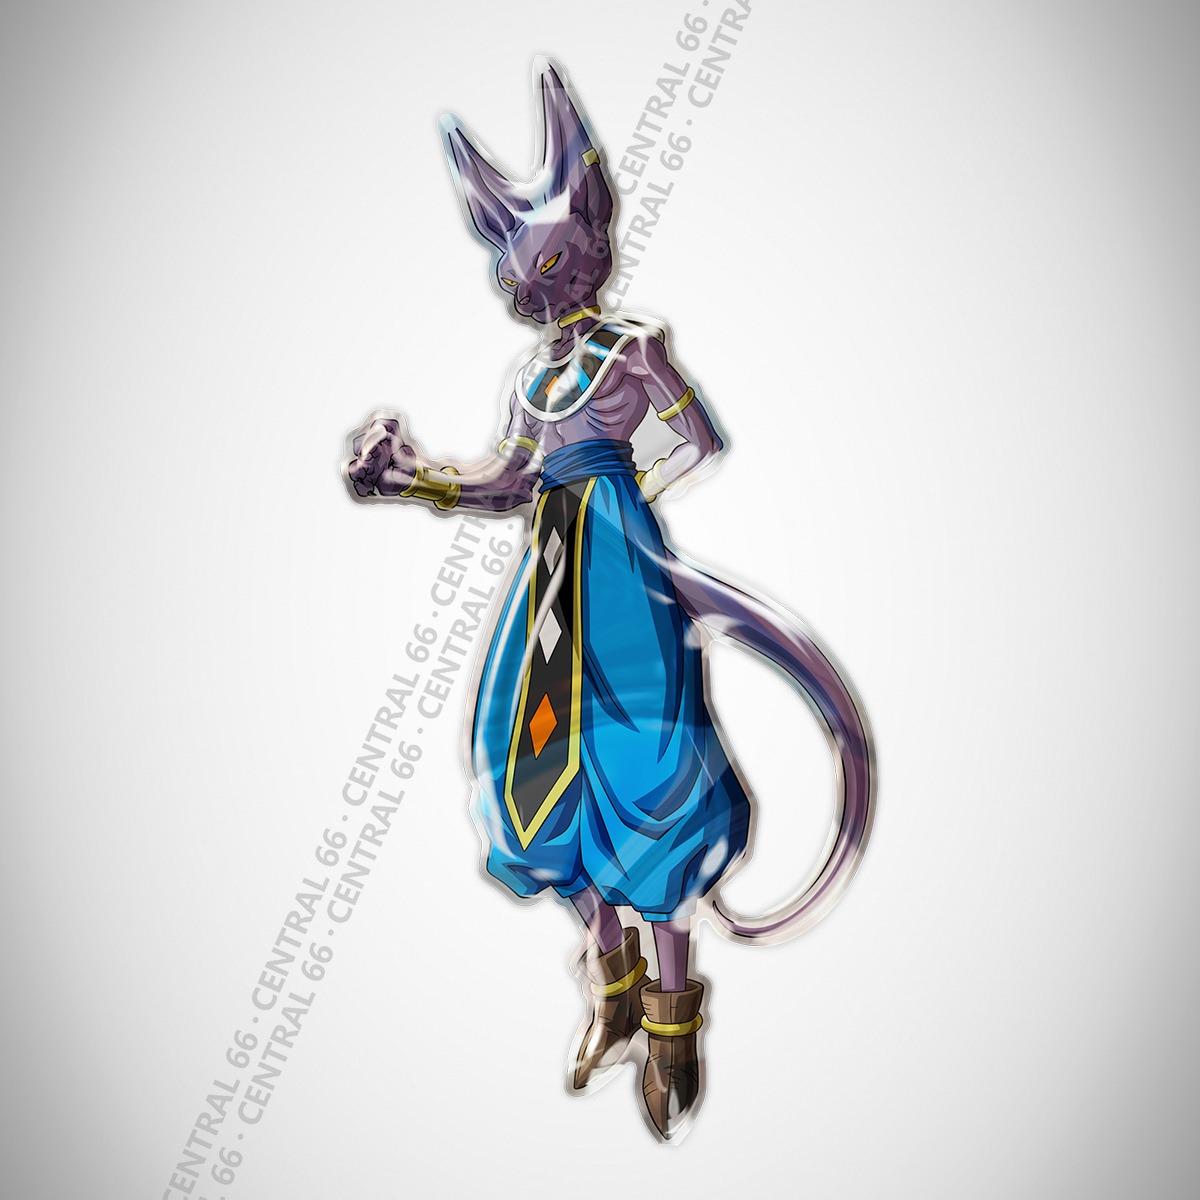 Adesivo Desenho Dragon Ball Z Beerus Resinado